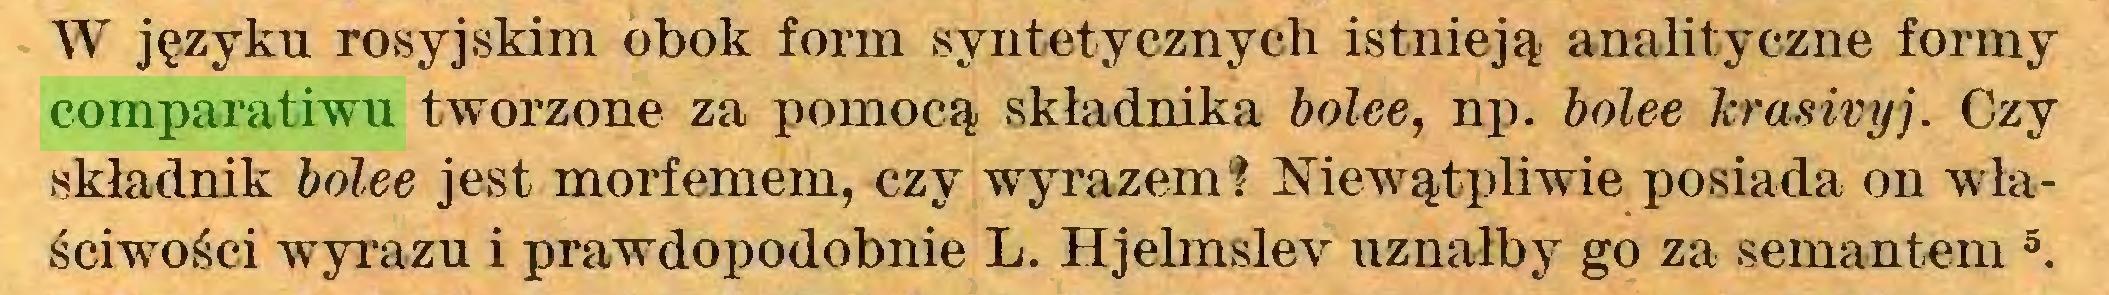 (...) W języku rosyjskim obok form syntetycznych istnieją analityczne formy comparatiwu tworzone za pomocą składnika bolee, np. bolee krasiryj. Czy składnik bolee jest morfemem, czy wyrazem1? Niewątpliwie posiada on właściwości wyrazu i prawdopodobnie L. Hjelmslev uznałby go za semantem 5 * * 8...